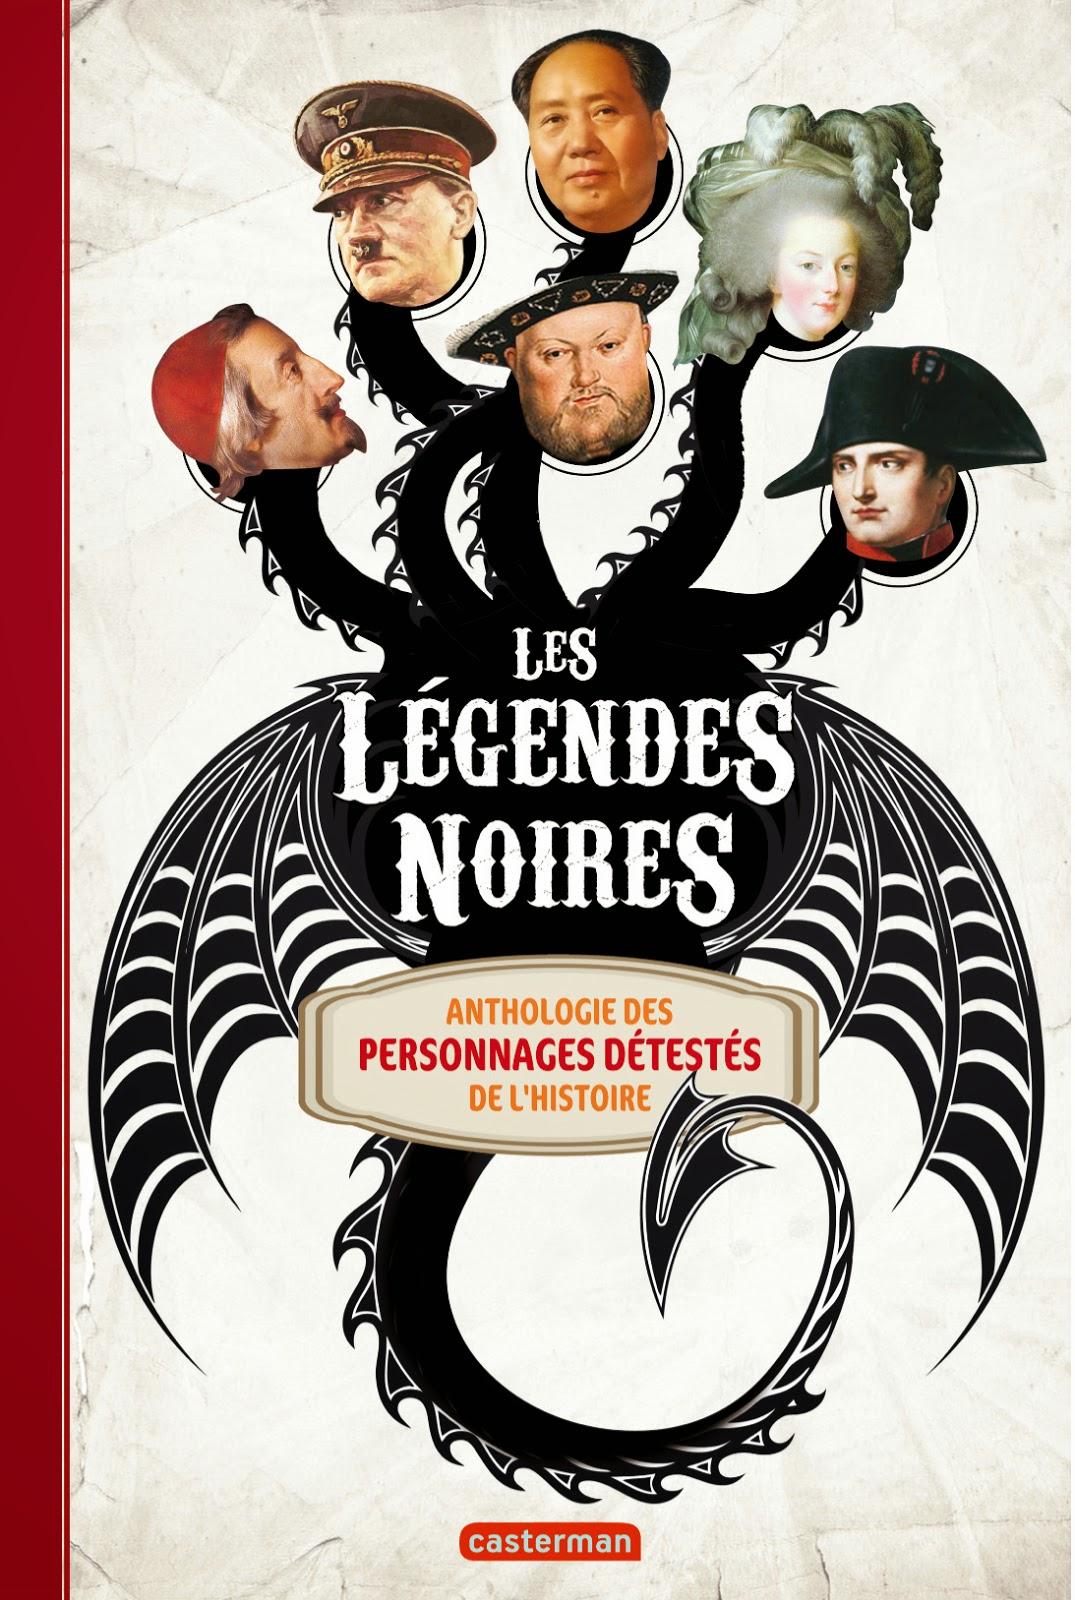 http://antredeslivres.blogspot.fr/2014/10/les-legendes-noires-anthologie-des.html